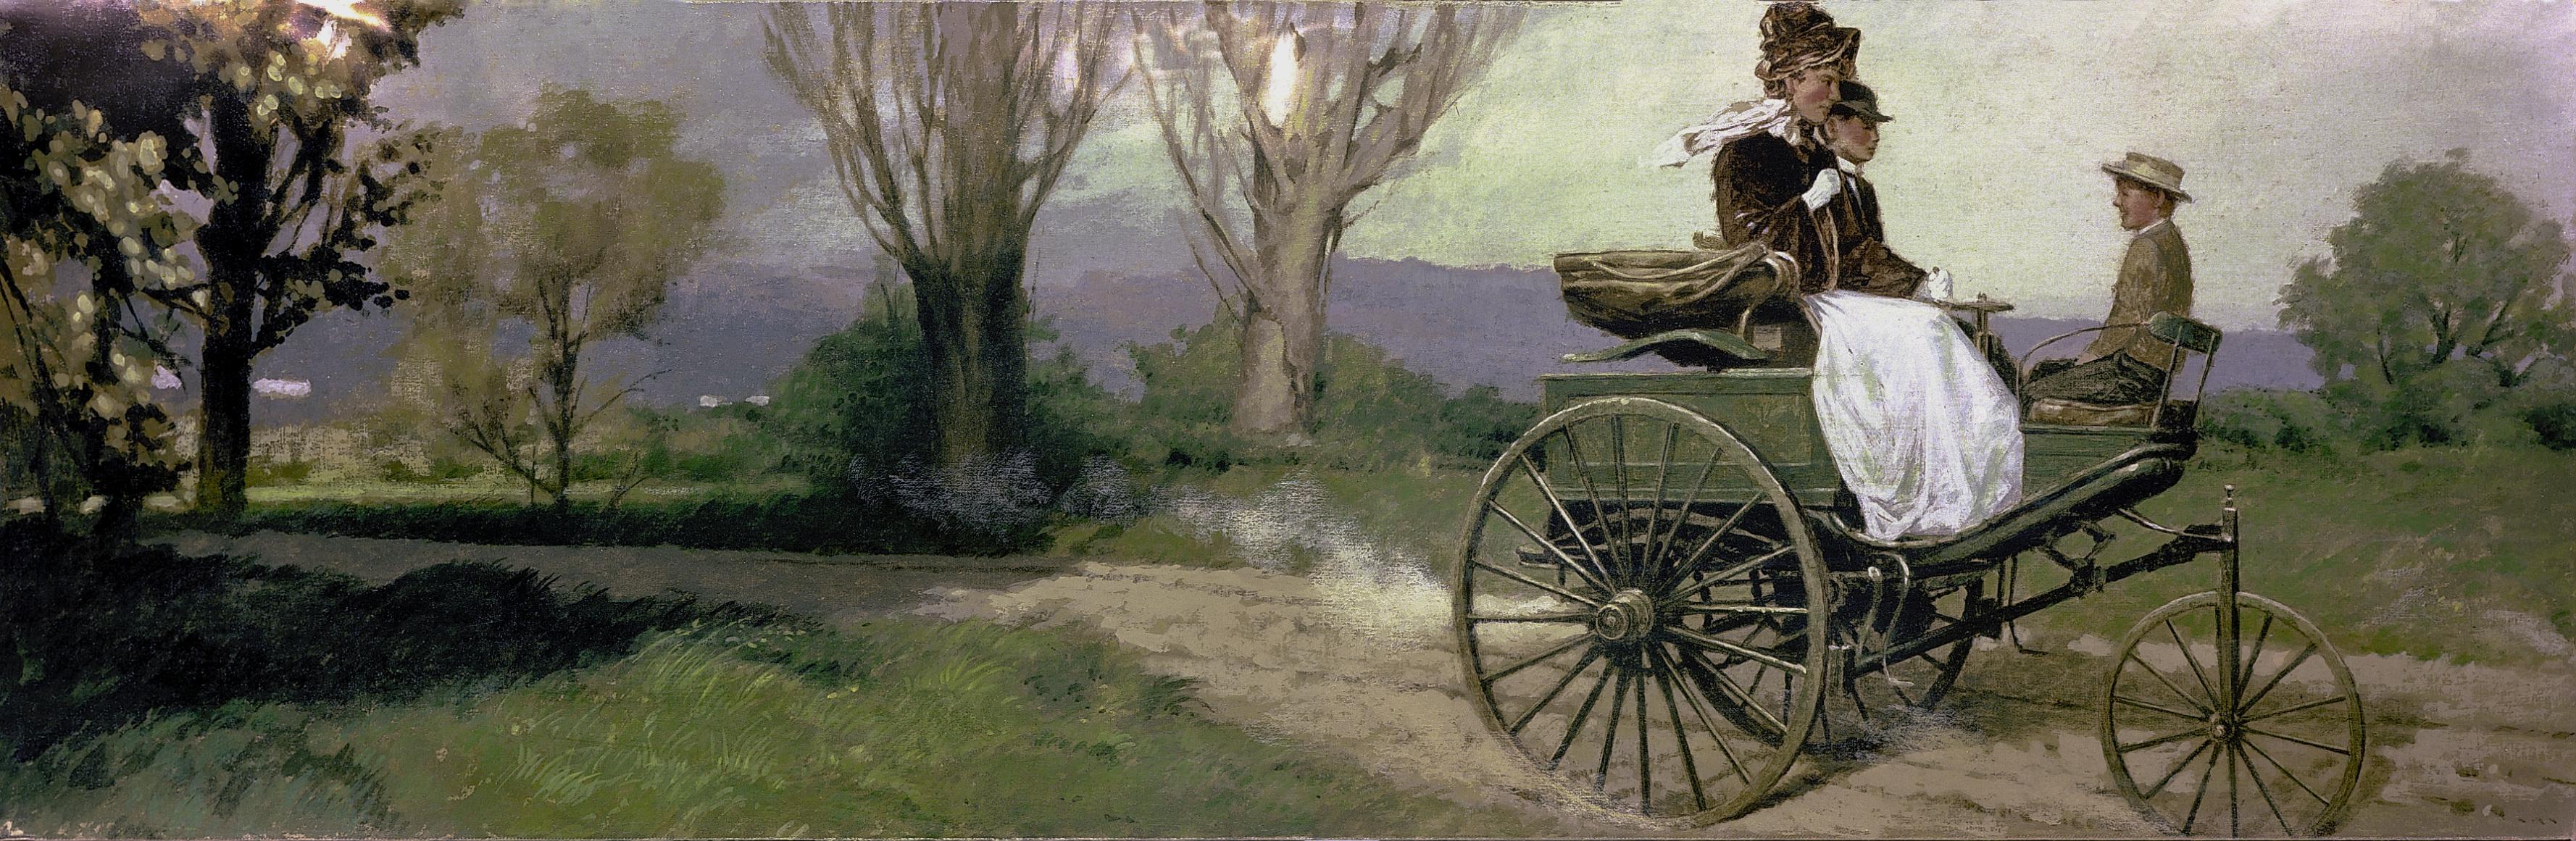 Una ilustración de ese magnífico viaje que emprendió Bertha Benz. (Foto: Mercedes-Benz)